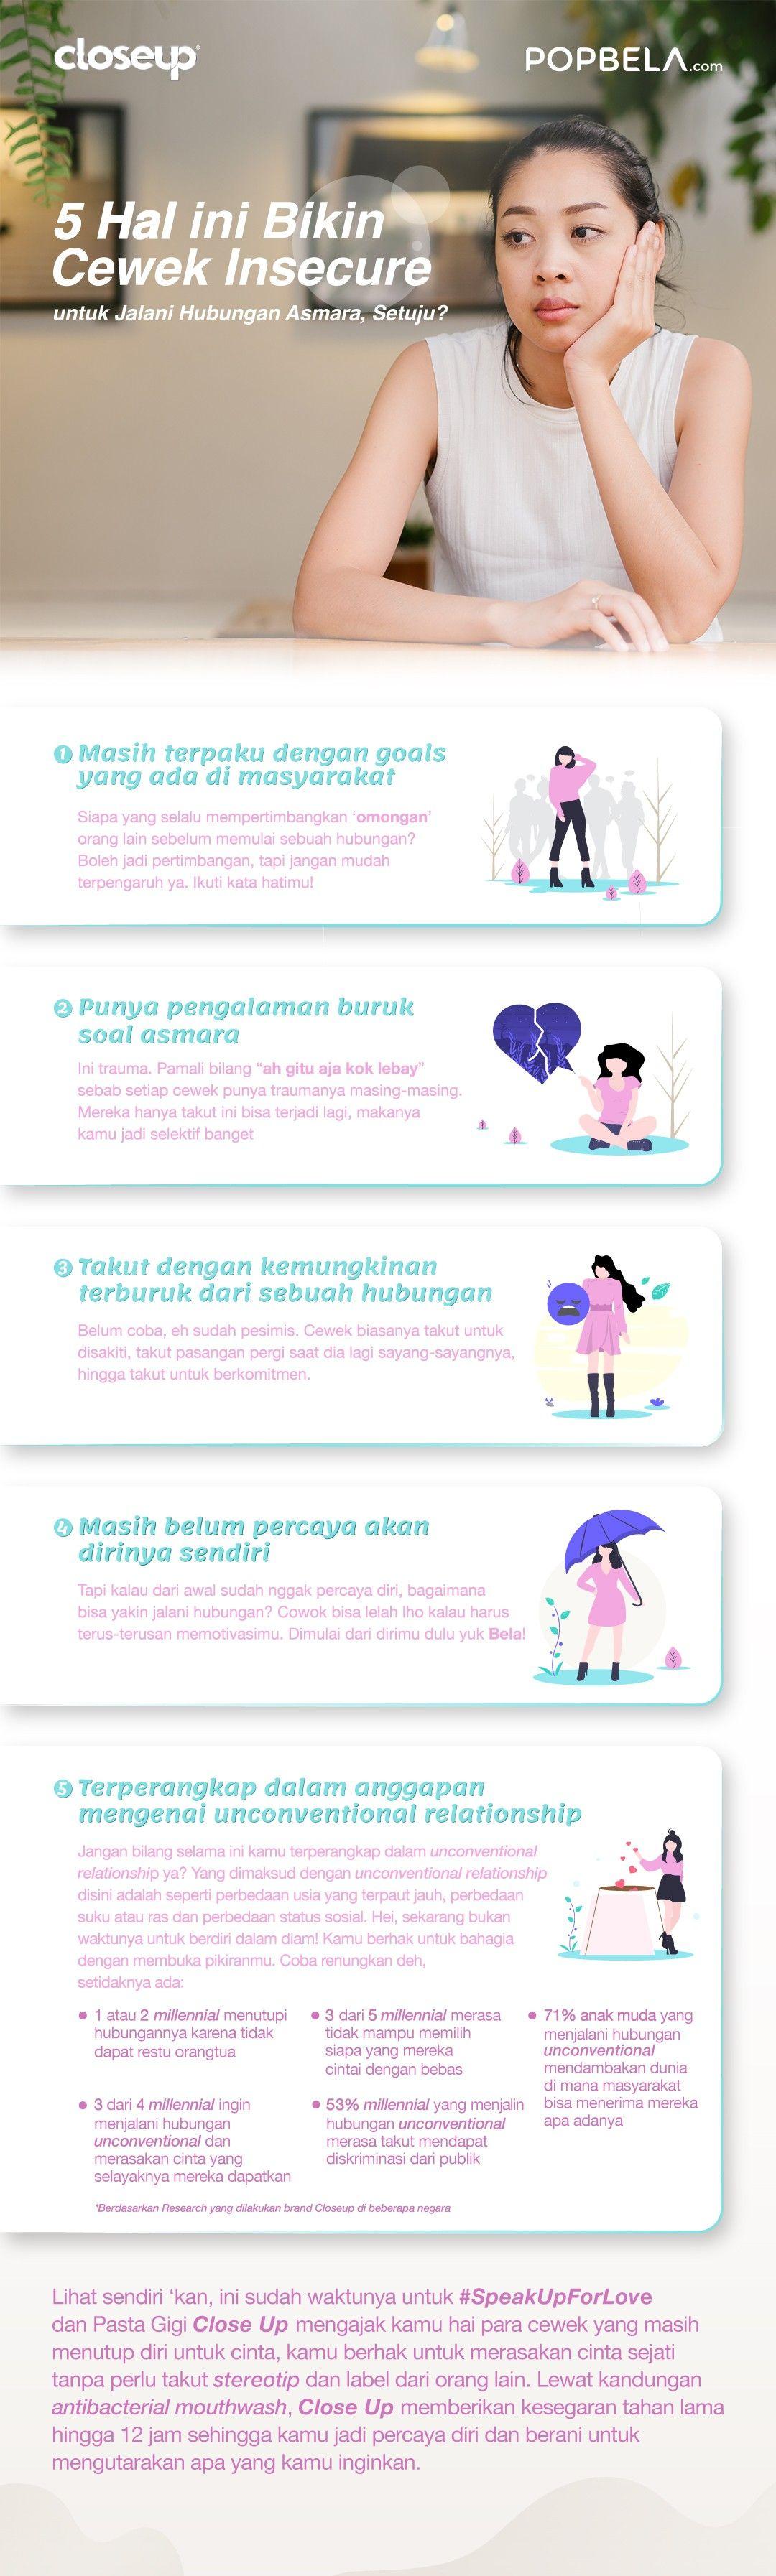 5 Hal Ini Bikin Cewek Insecure untuk Jalani Hubungan Asmara, Setuju?